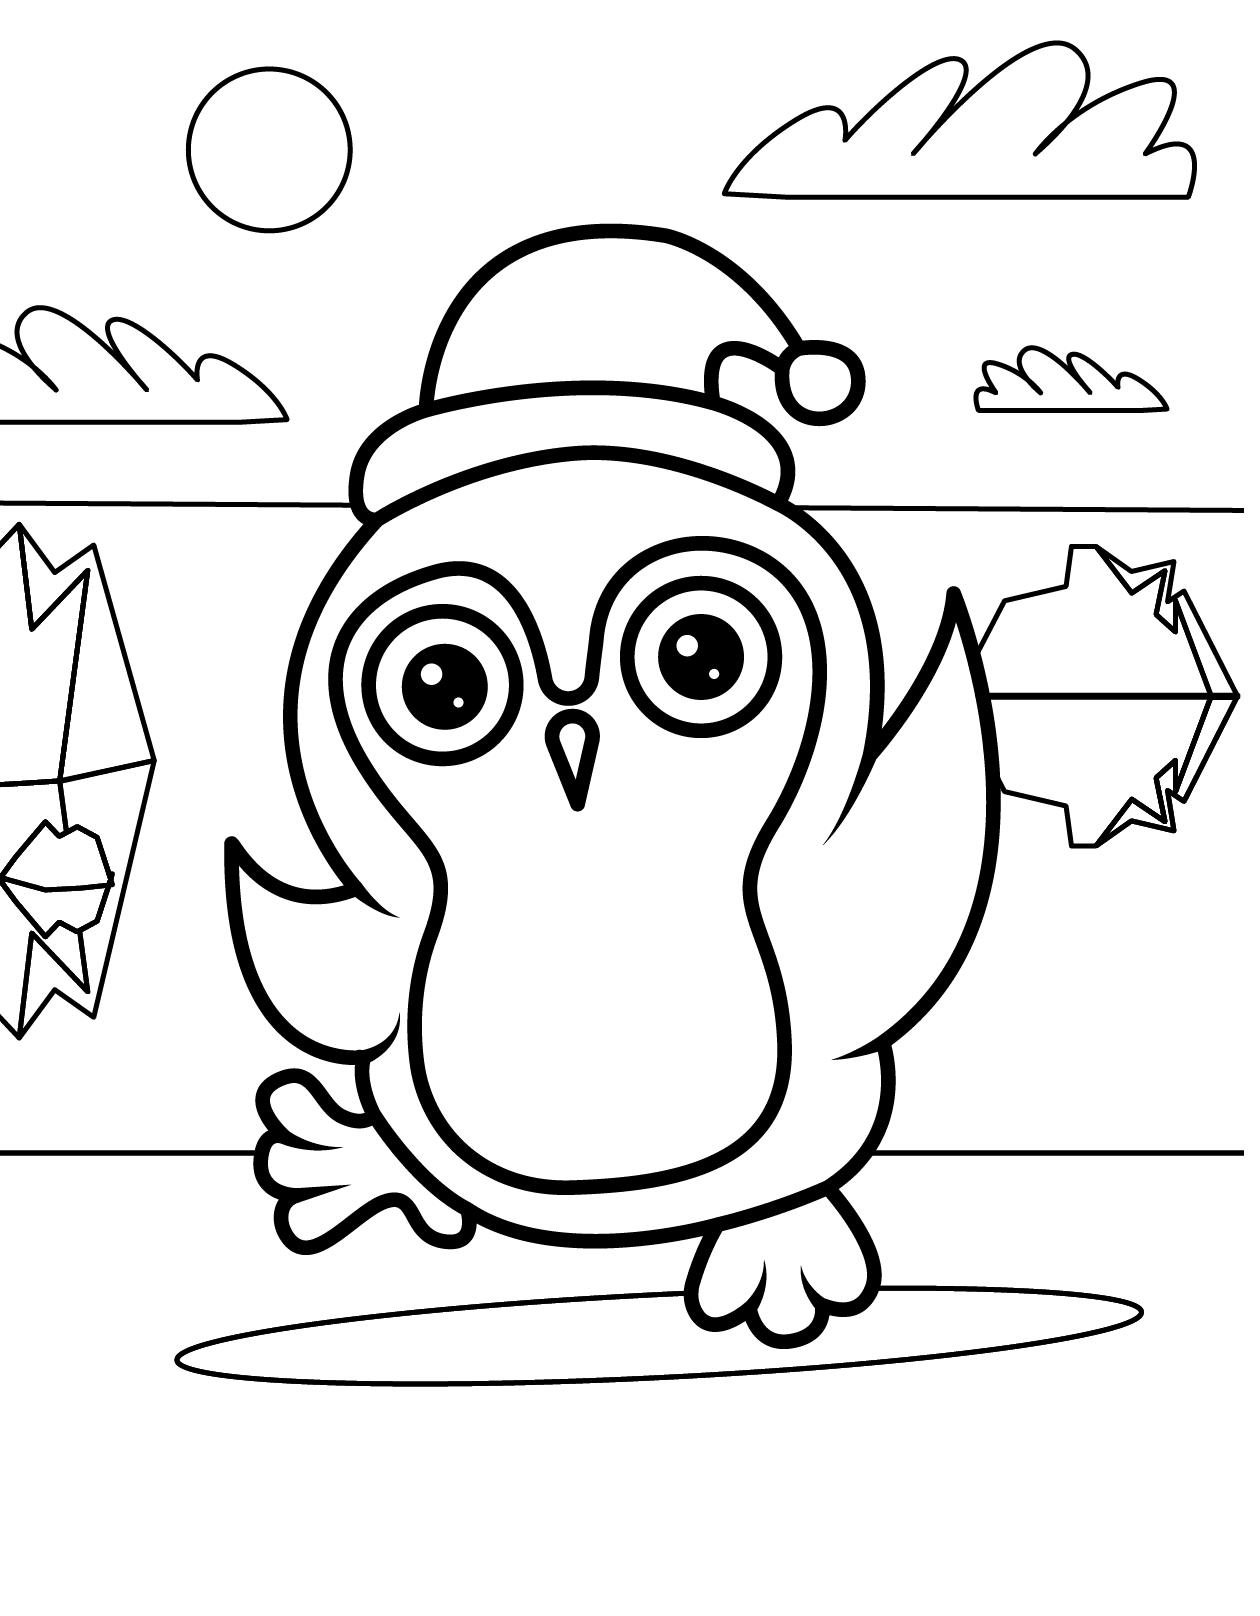 Раскраска Рождественский пингвин